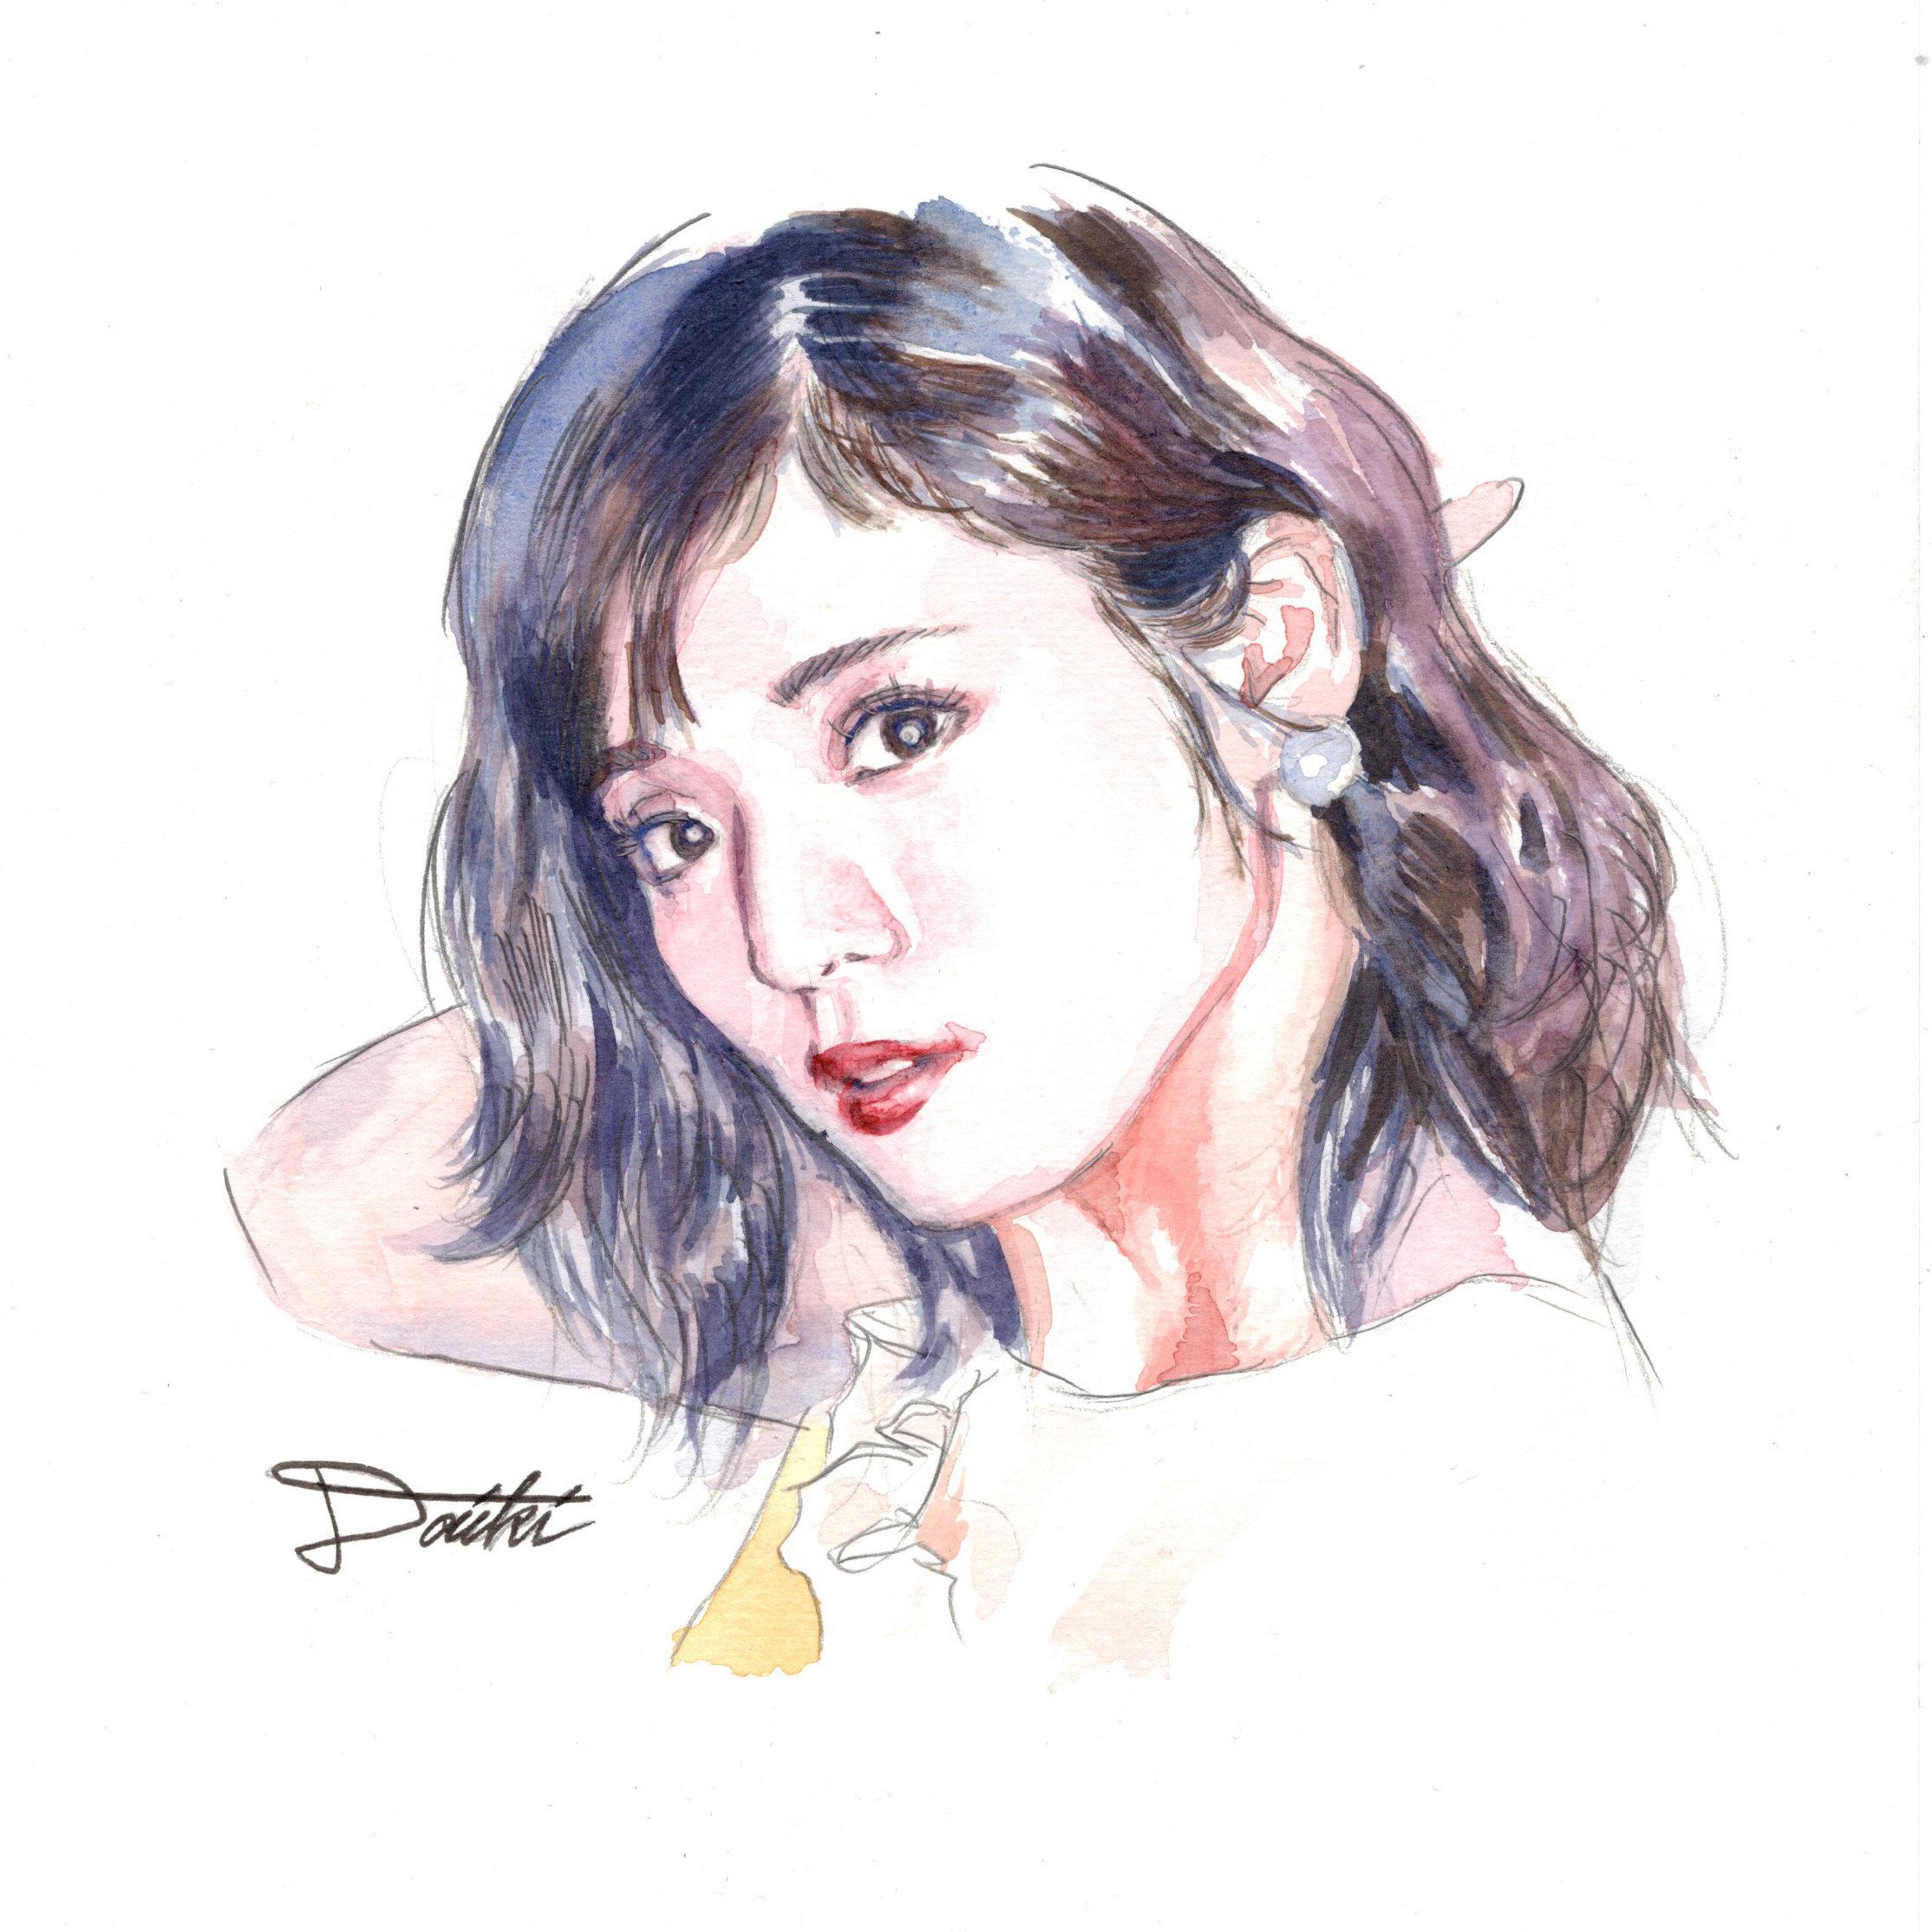 松岡茉優 水彩似顔絵イラスト